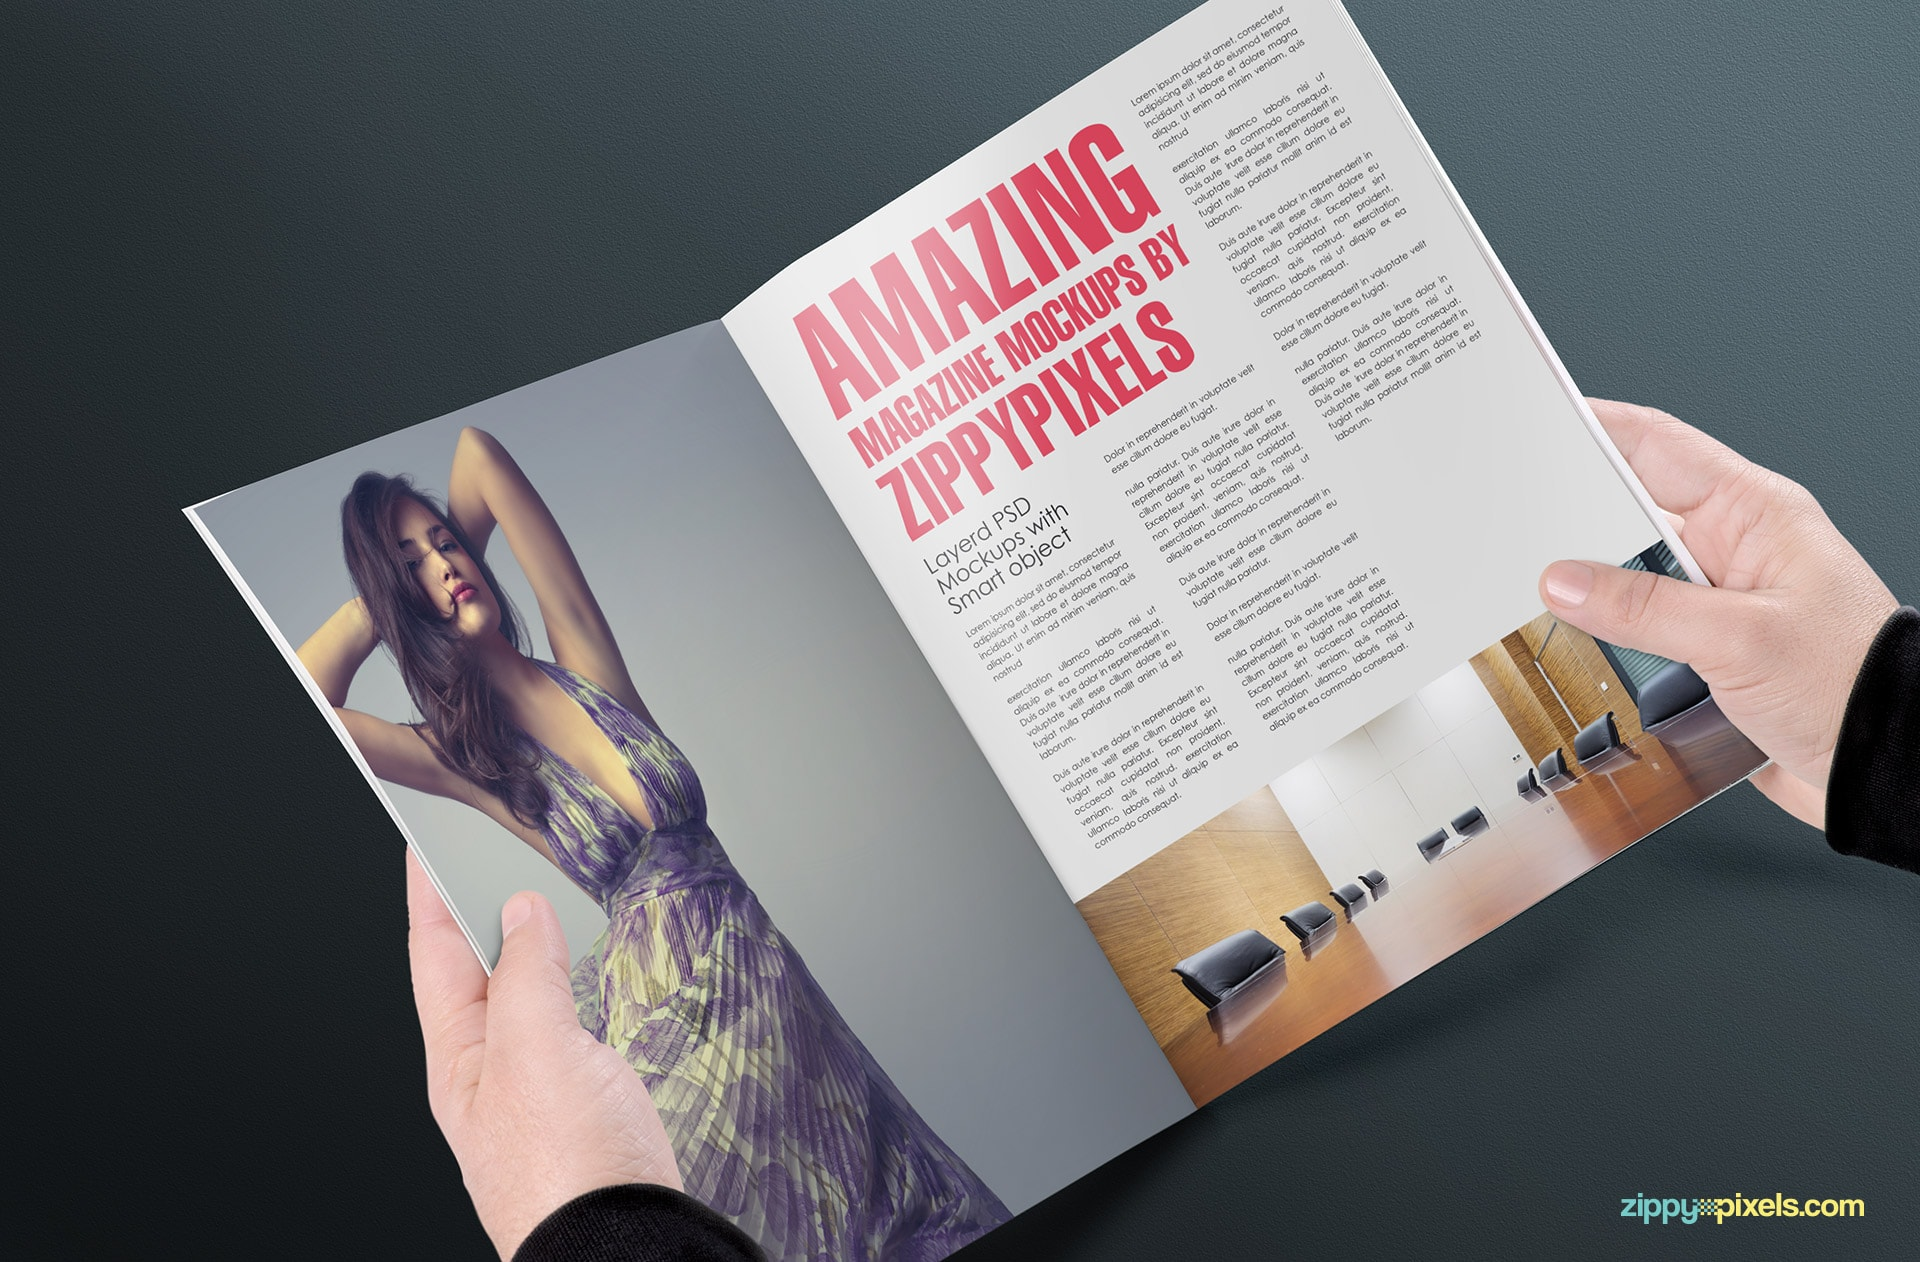 potrait style magazine mock-ups